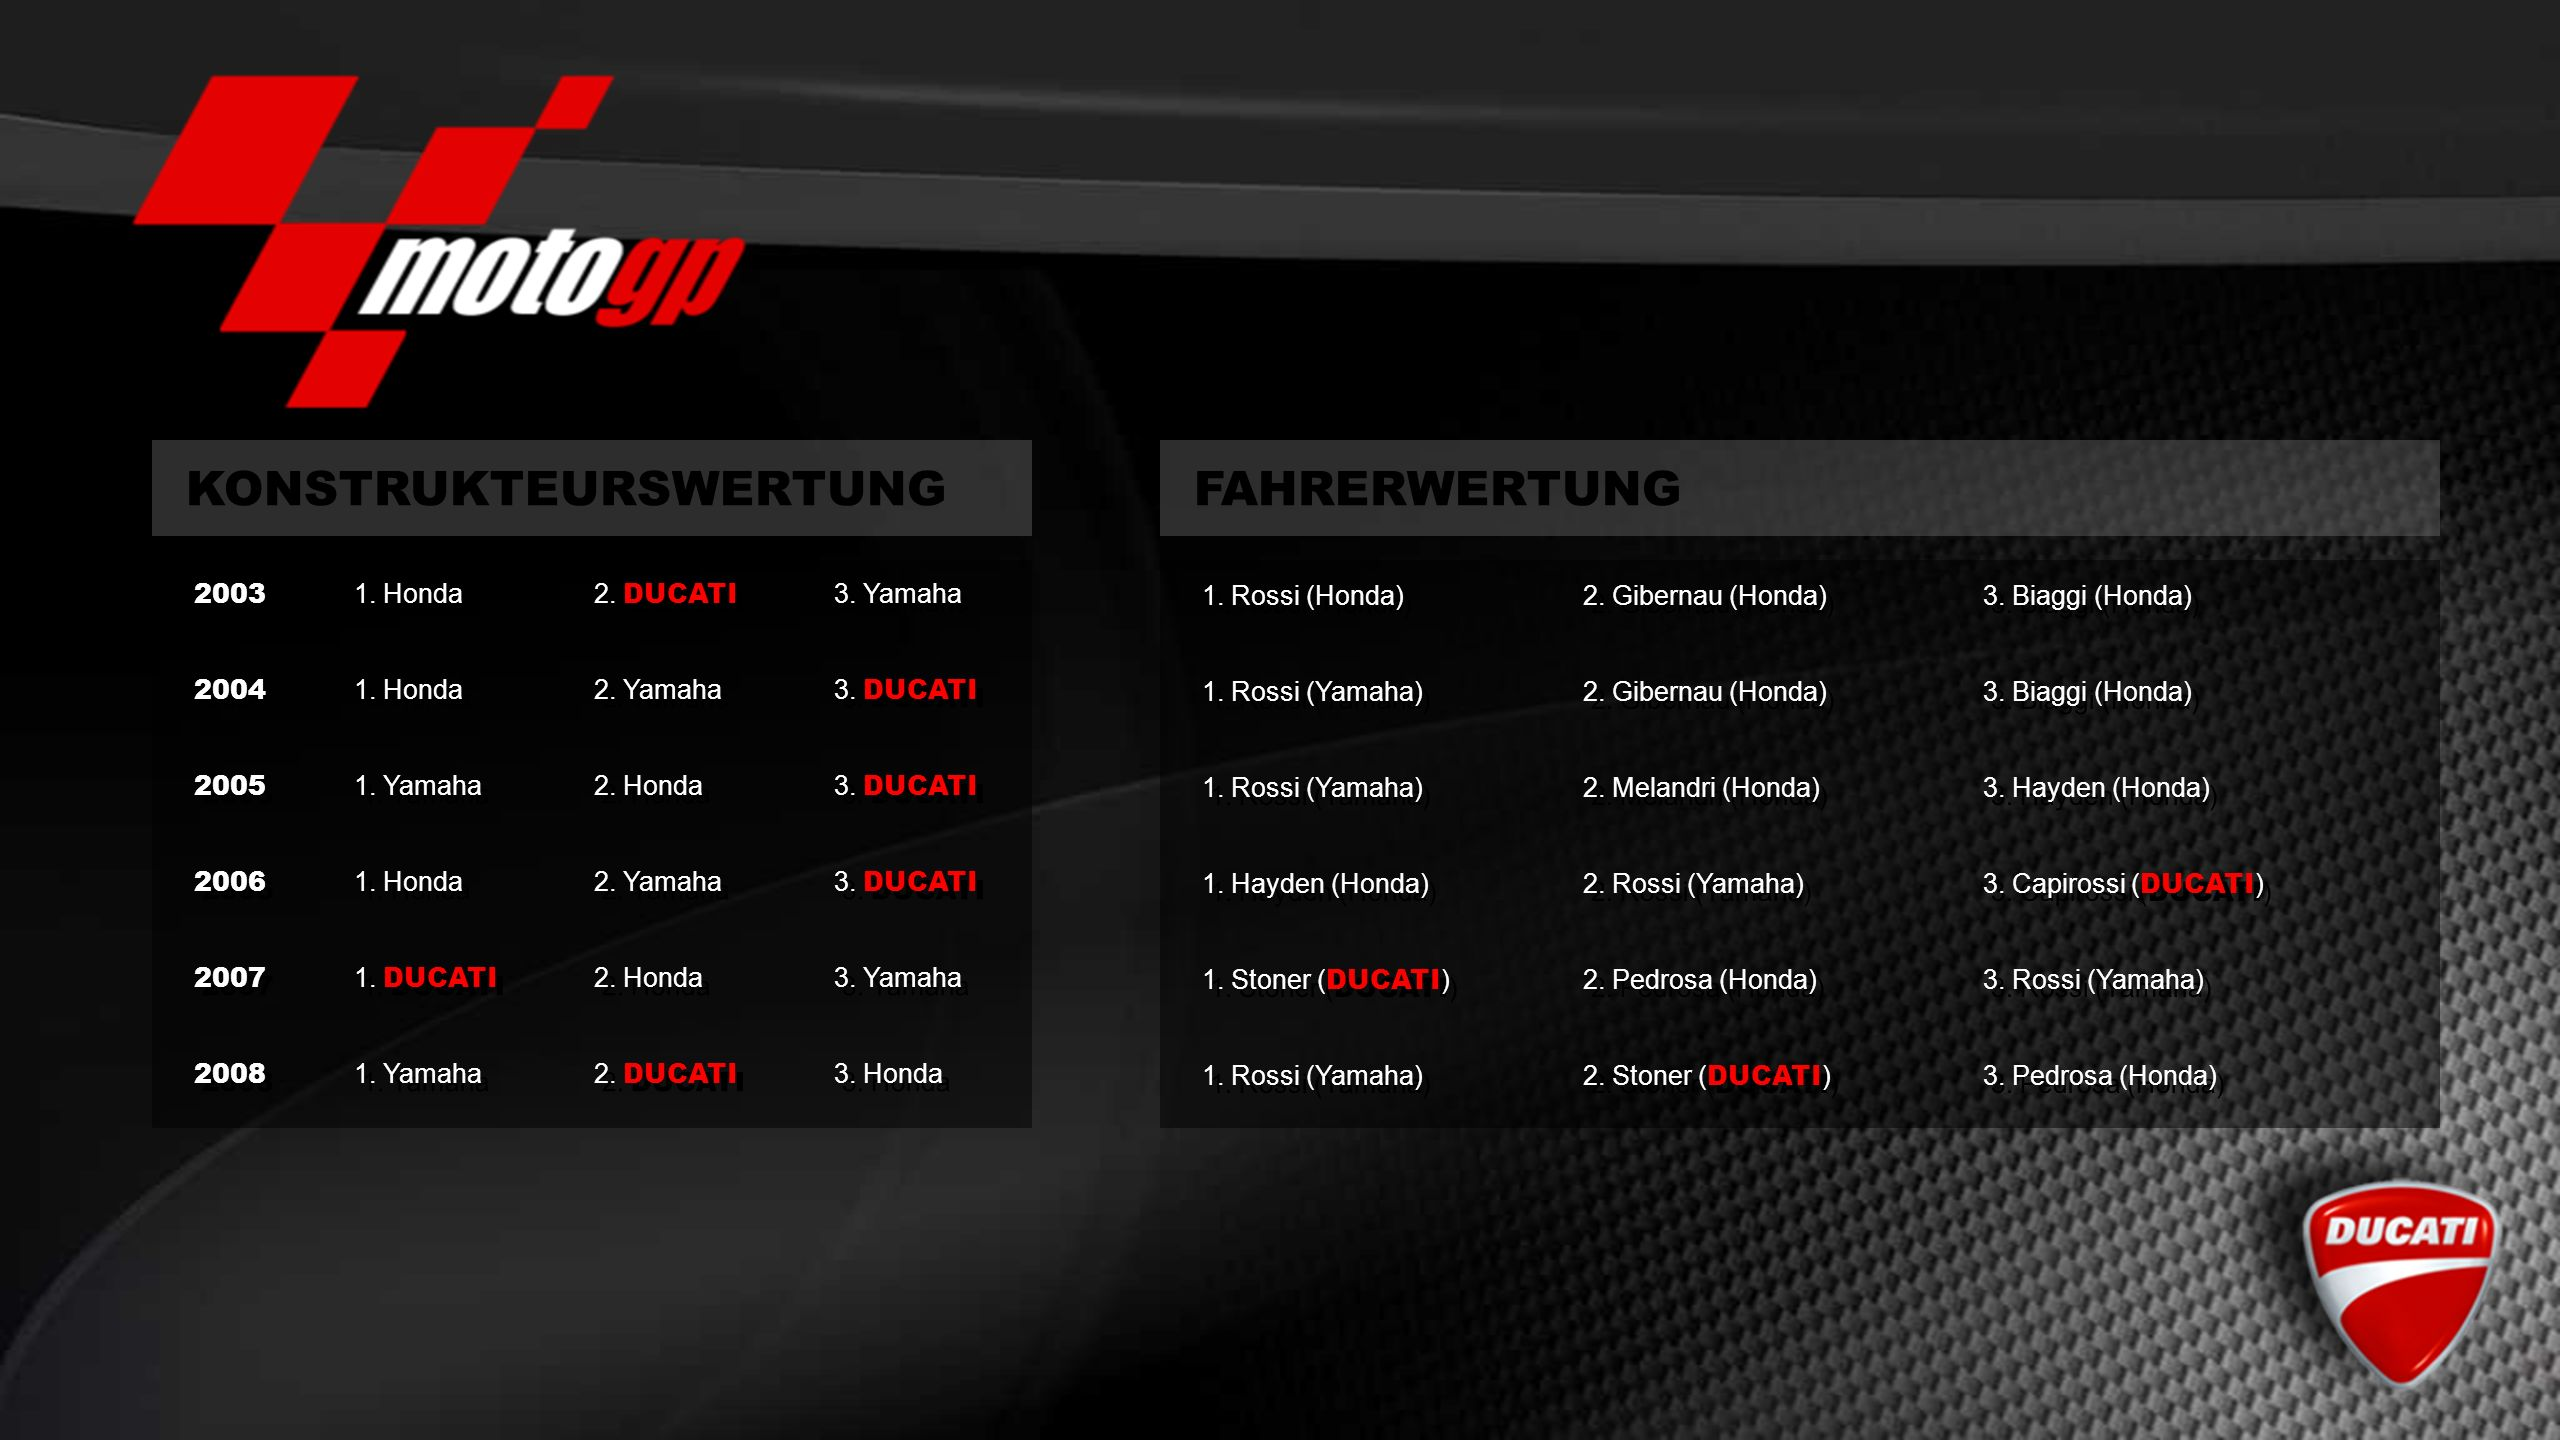 Diablo Supercorsa SP Reifen Vorne: 120/70 Hinten: 190/55 Handling und Kontrolle Die beste Ausstattung für eine Race Replica